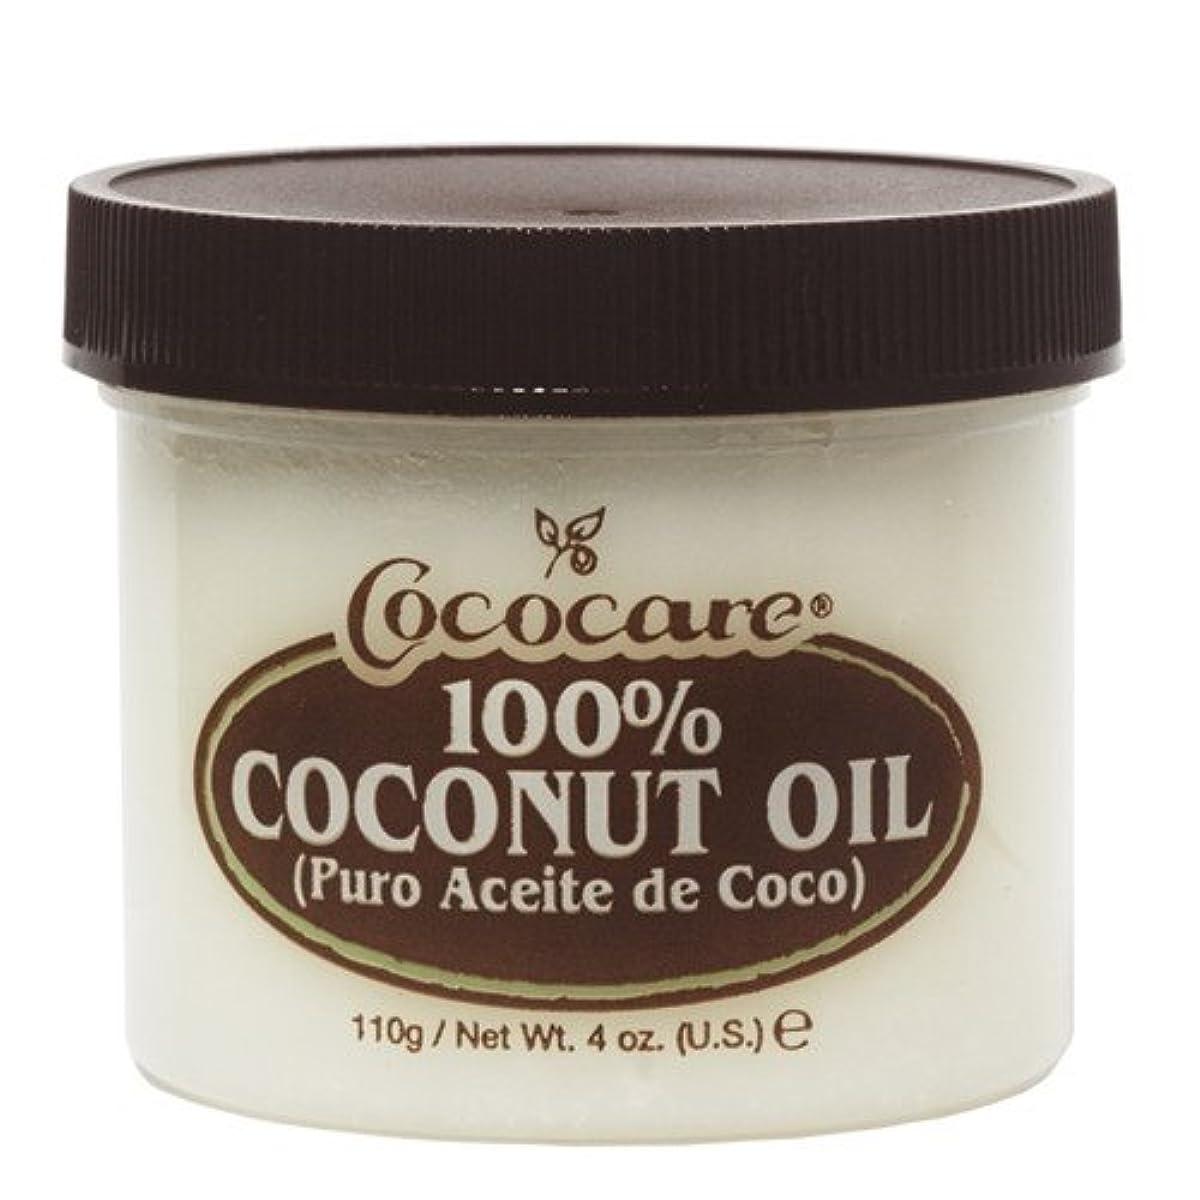 資格情報誕生ベーシックCOCOCARE ココケア ココナッツオイル 110g